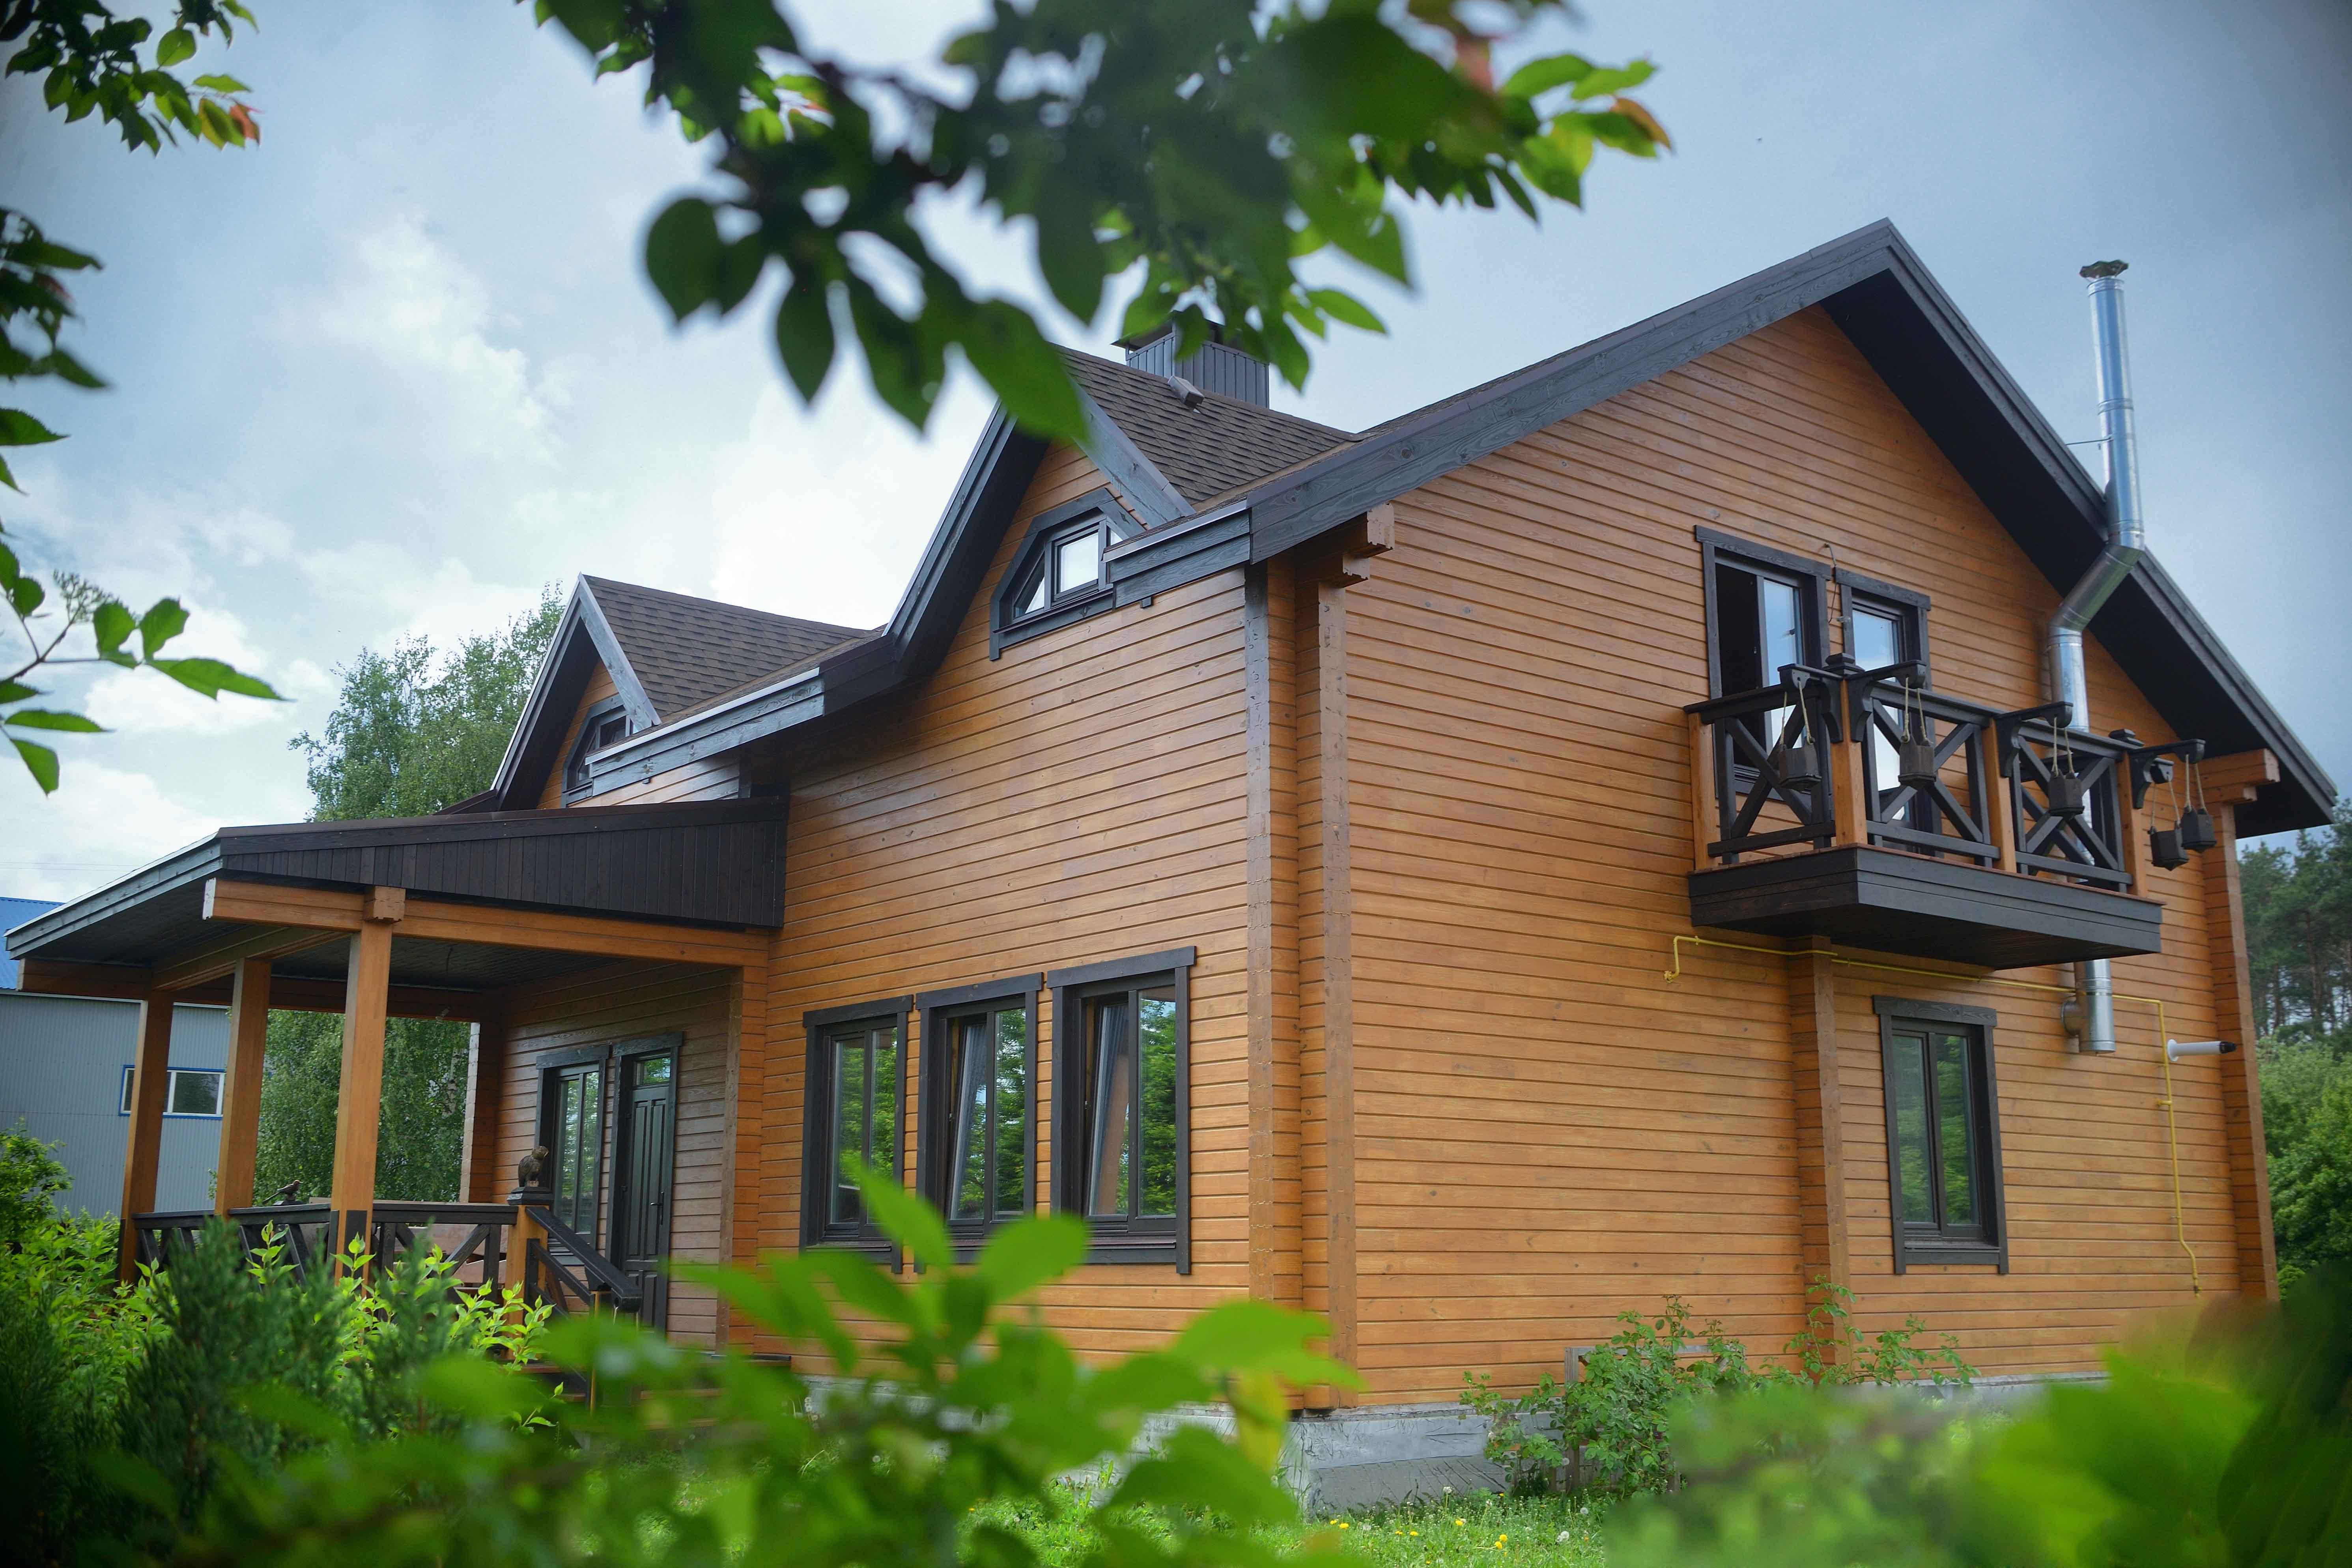 Контакты компании ❰ВБК София❱ - Заказать строительство дома из дерева